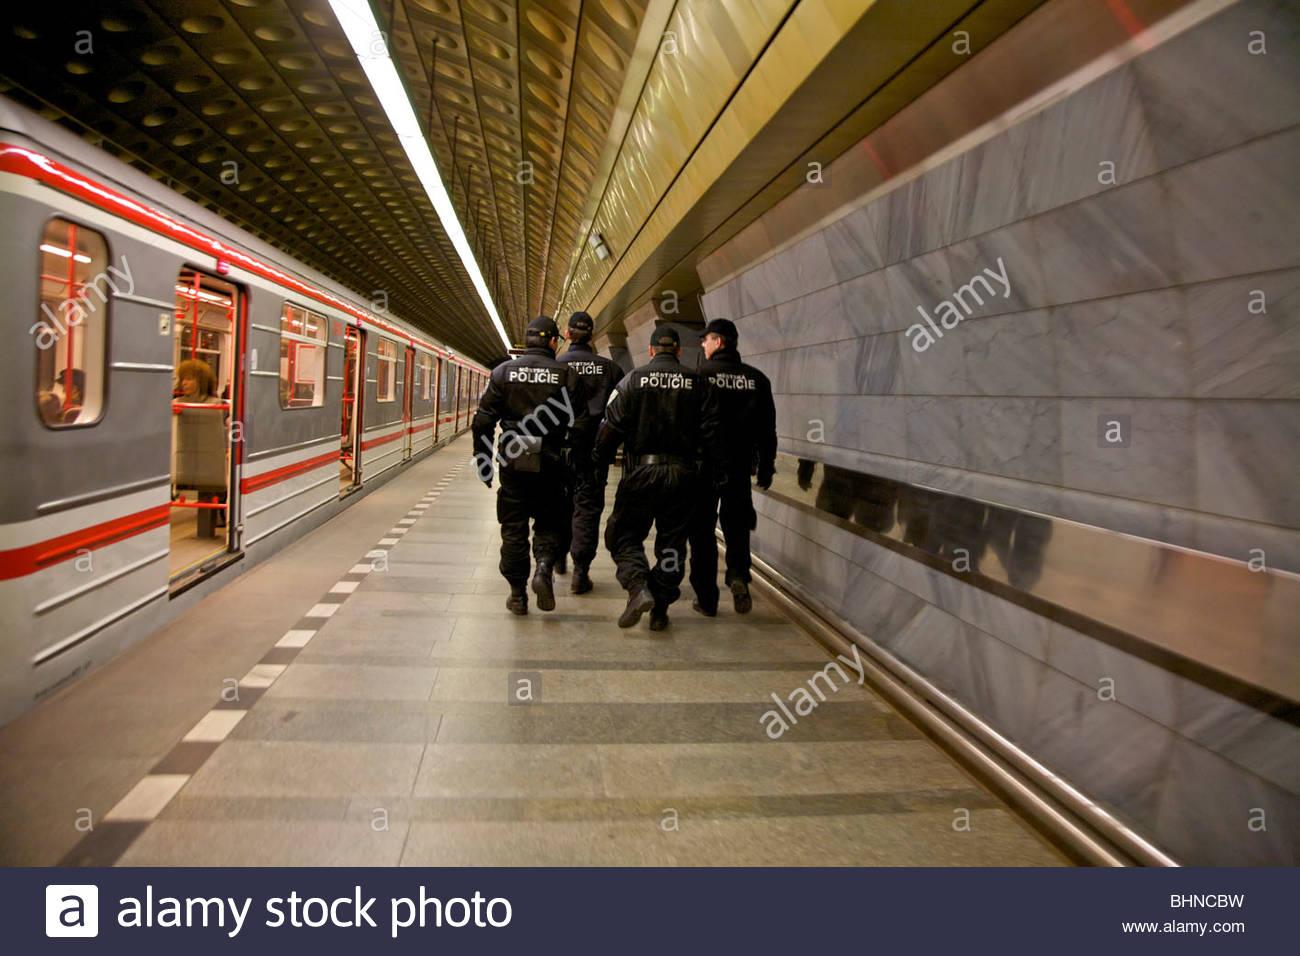 La policía de la estación de metro de Praga, Praga, República Checa. Imagen De Stock